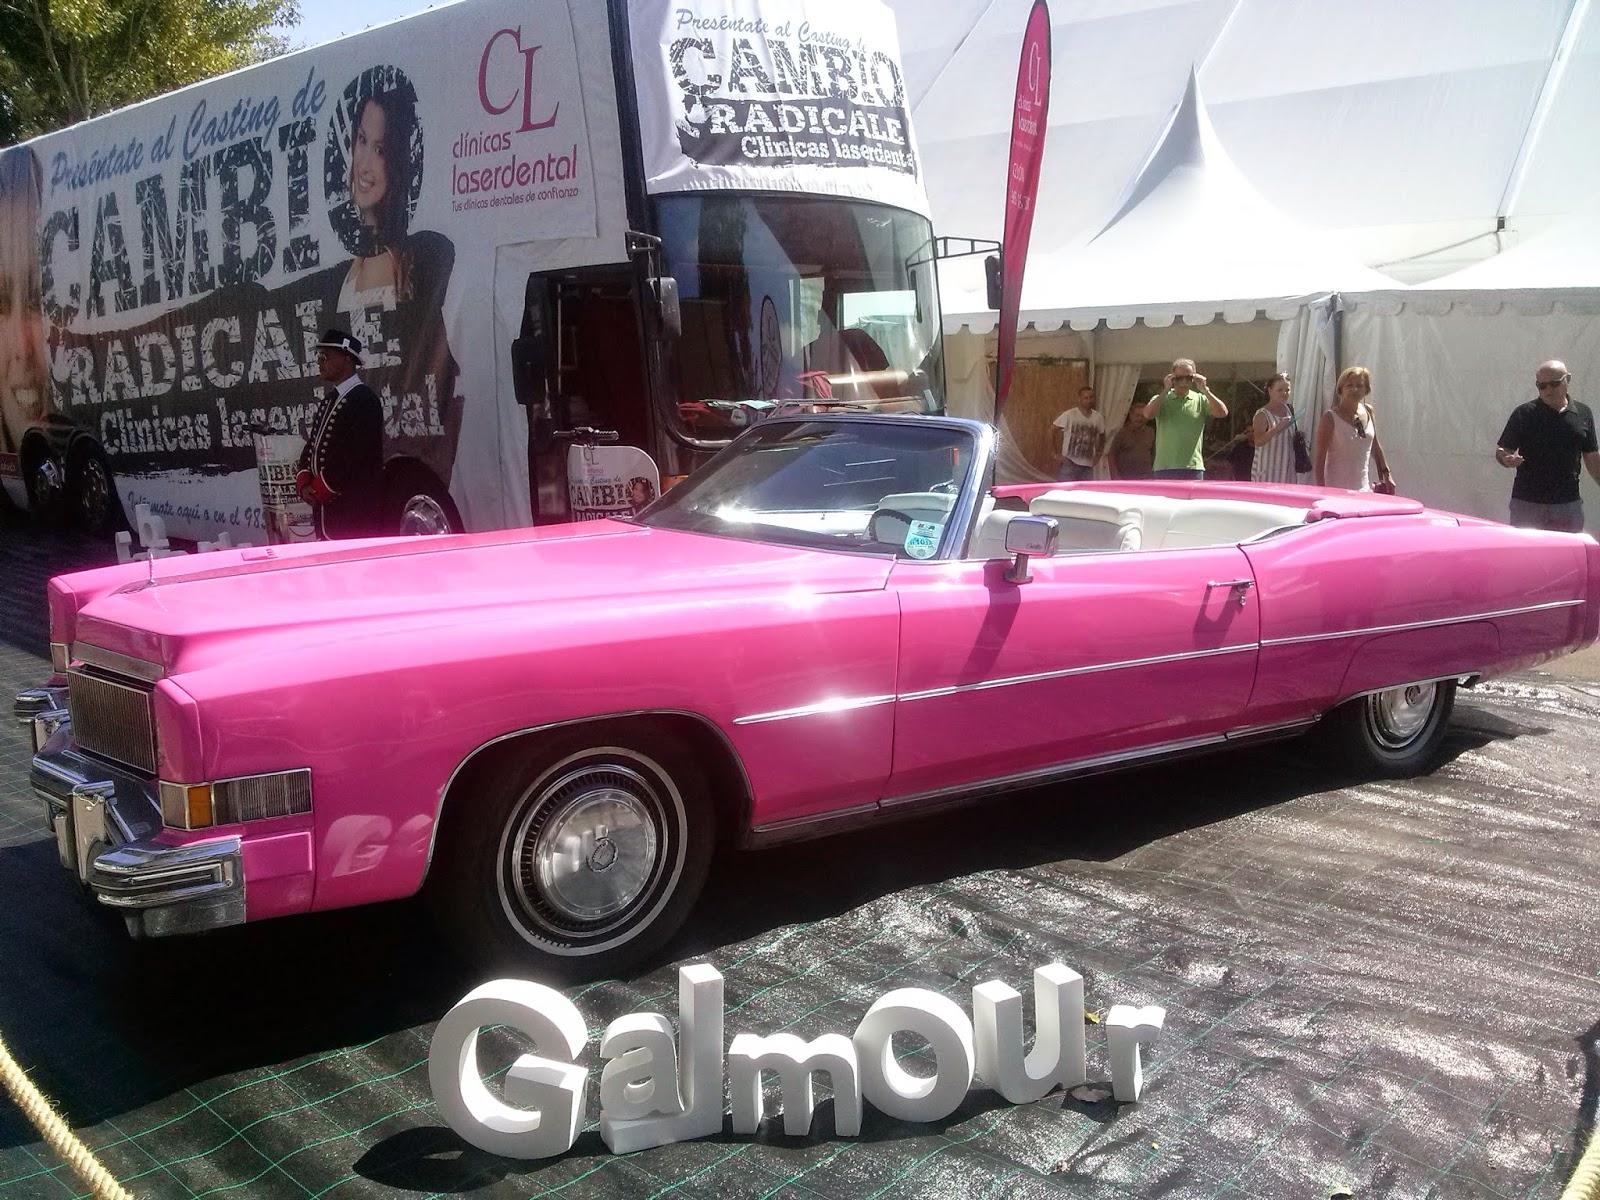 feria muestras gijon coche cadillac rosa pink